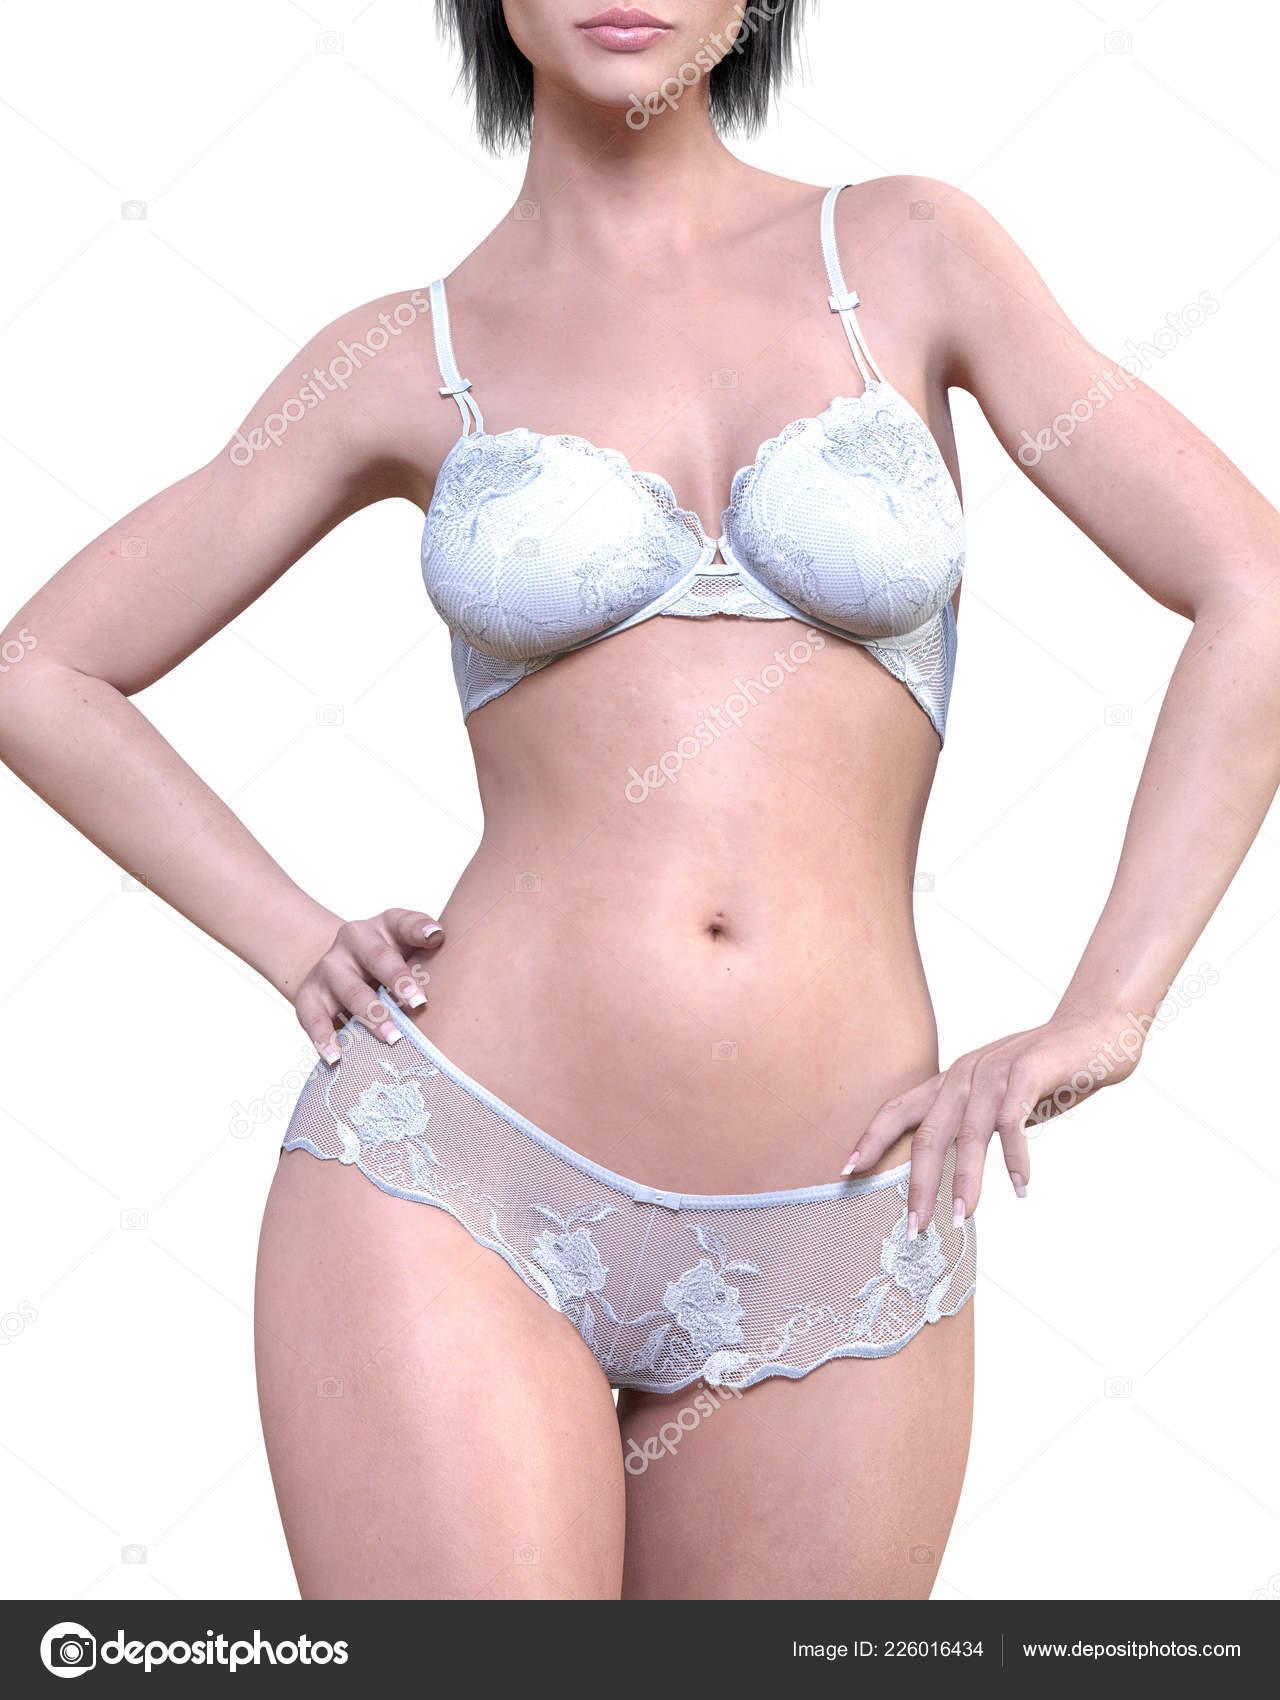 08b657503 Garota em branca Landim cueca. Transparente calcinha e sutiã. Arte moda  extravagante. Mulher em pé franco provocante pose sexy.